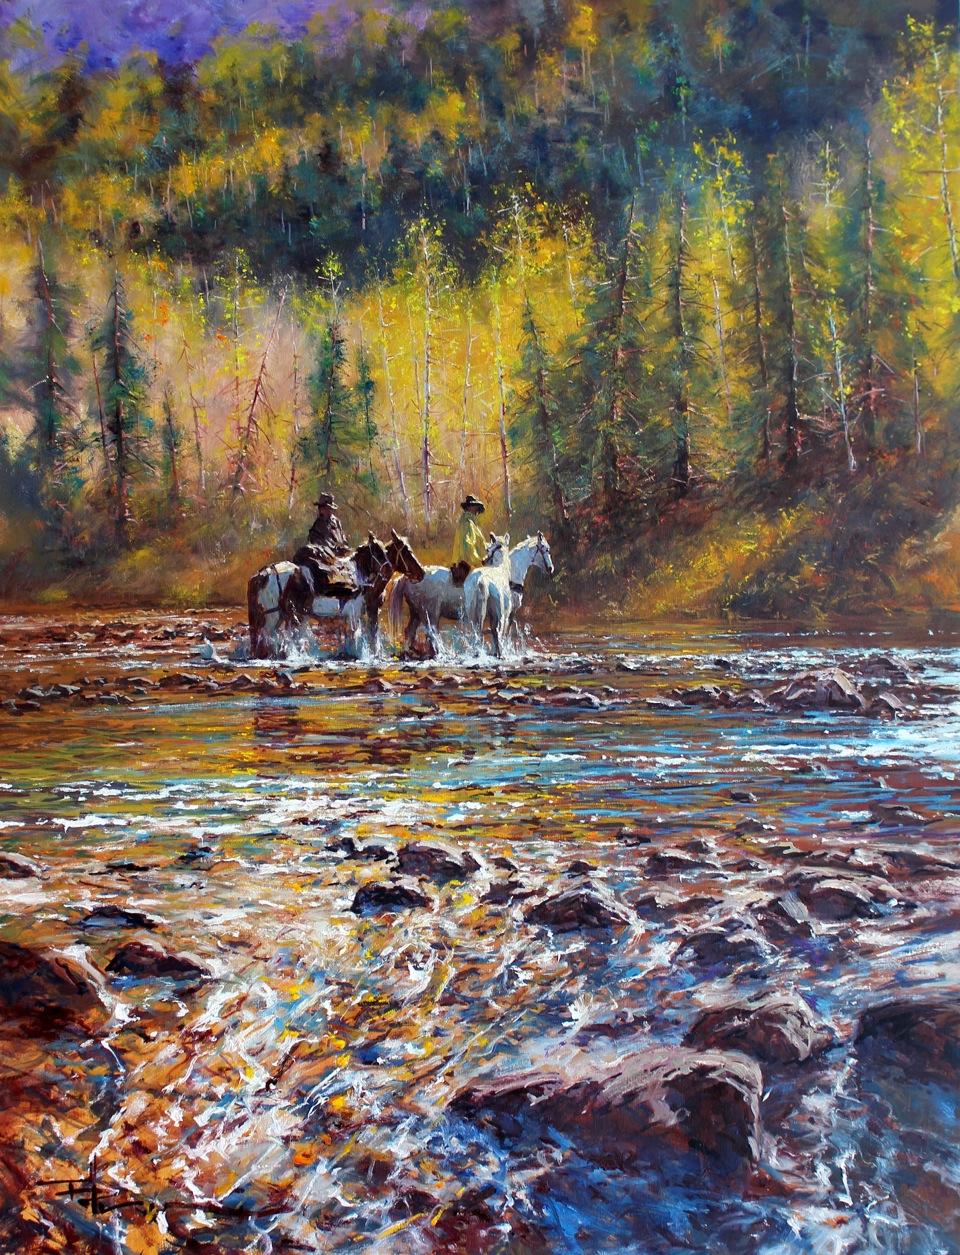 Color art facebook -  Crossing Oil Color By Robert Hagan By Robert Hagan